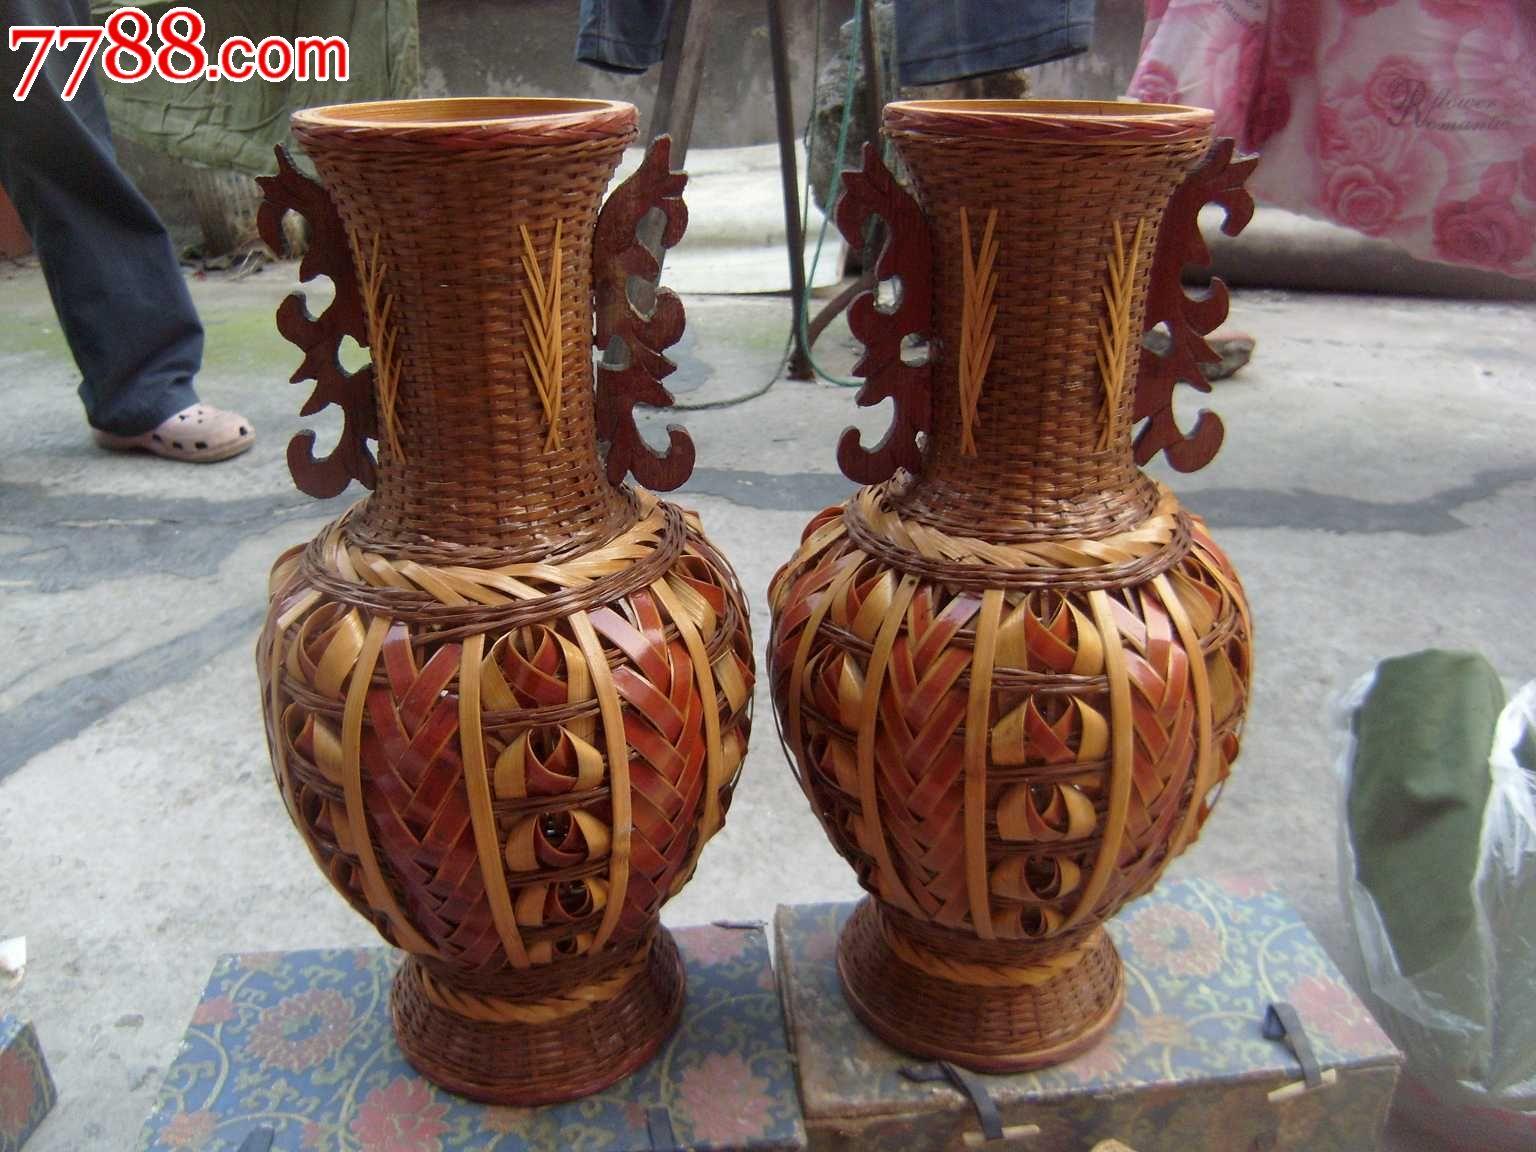 重庆特产瓷胎竹编——大花瓶一对